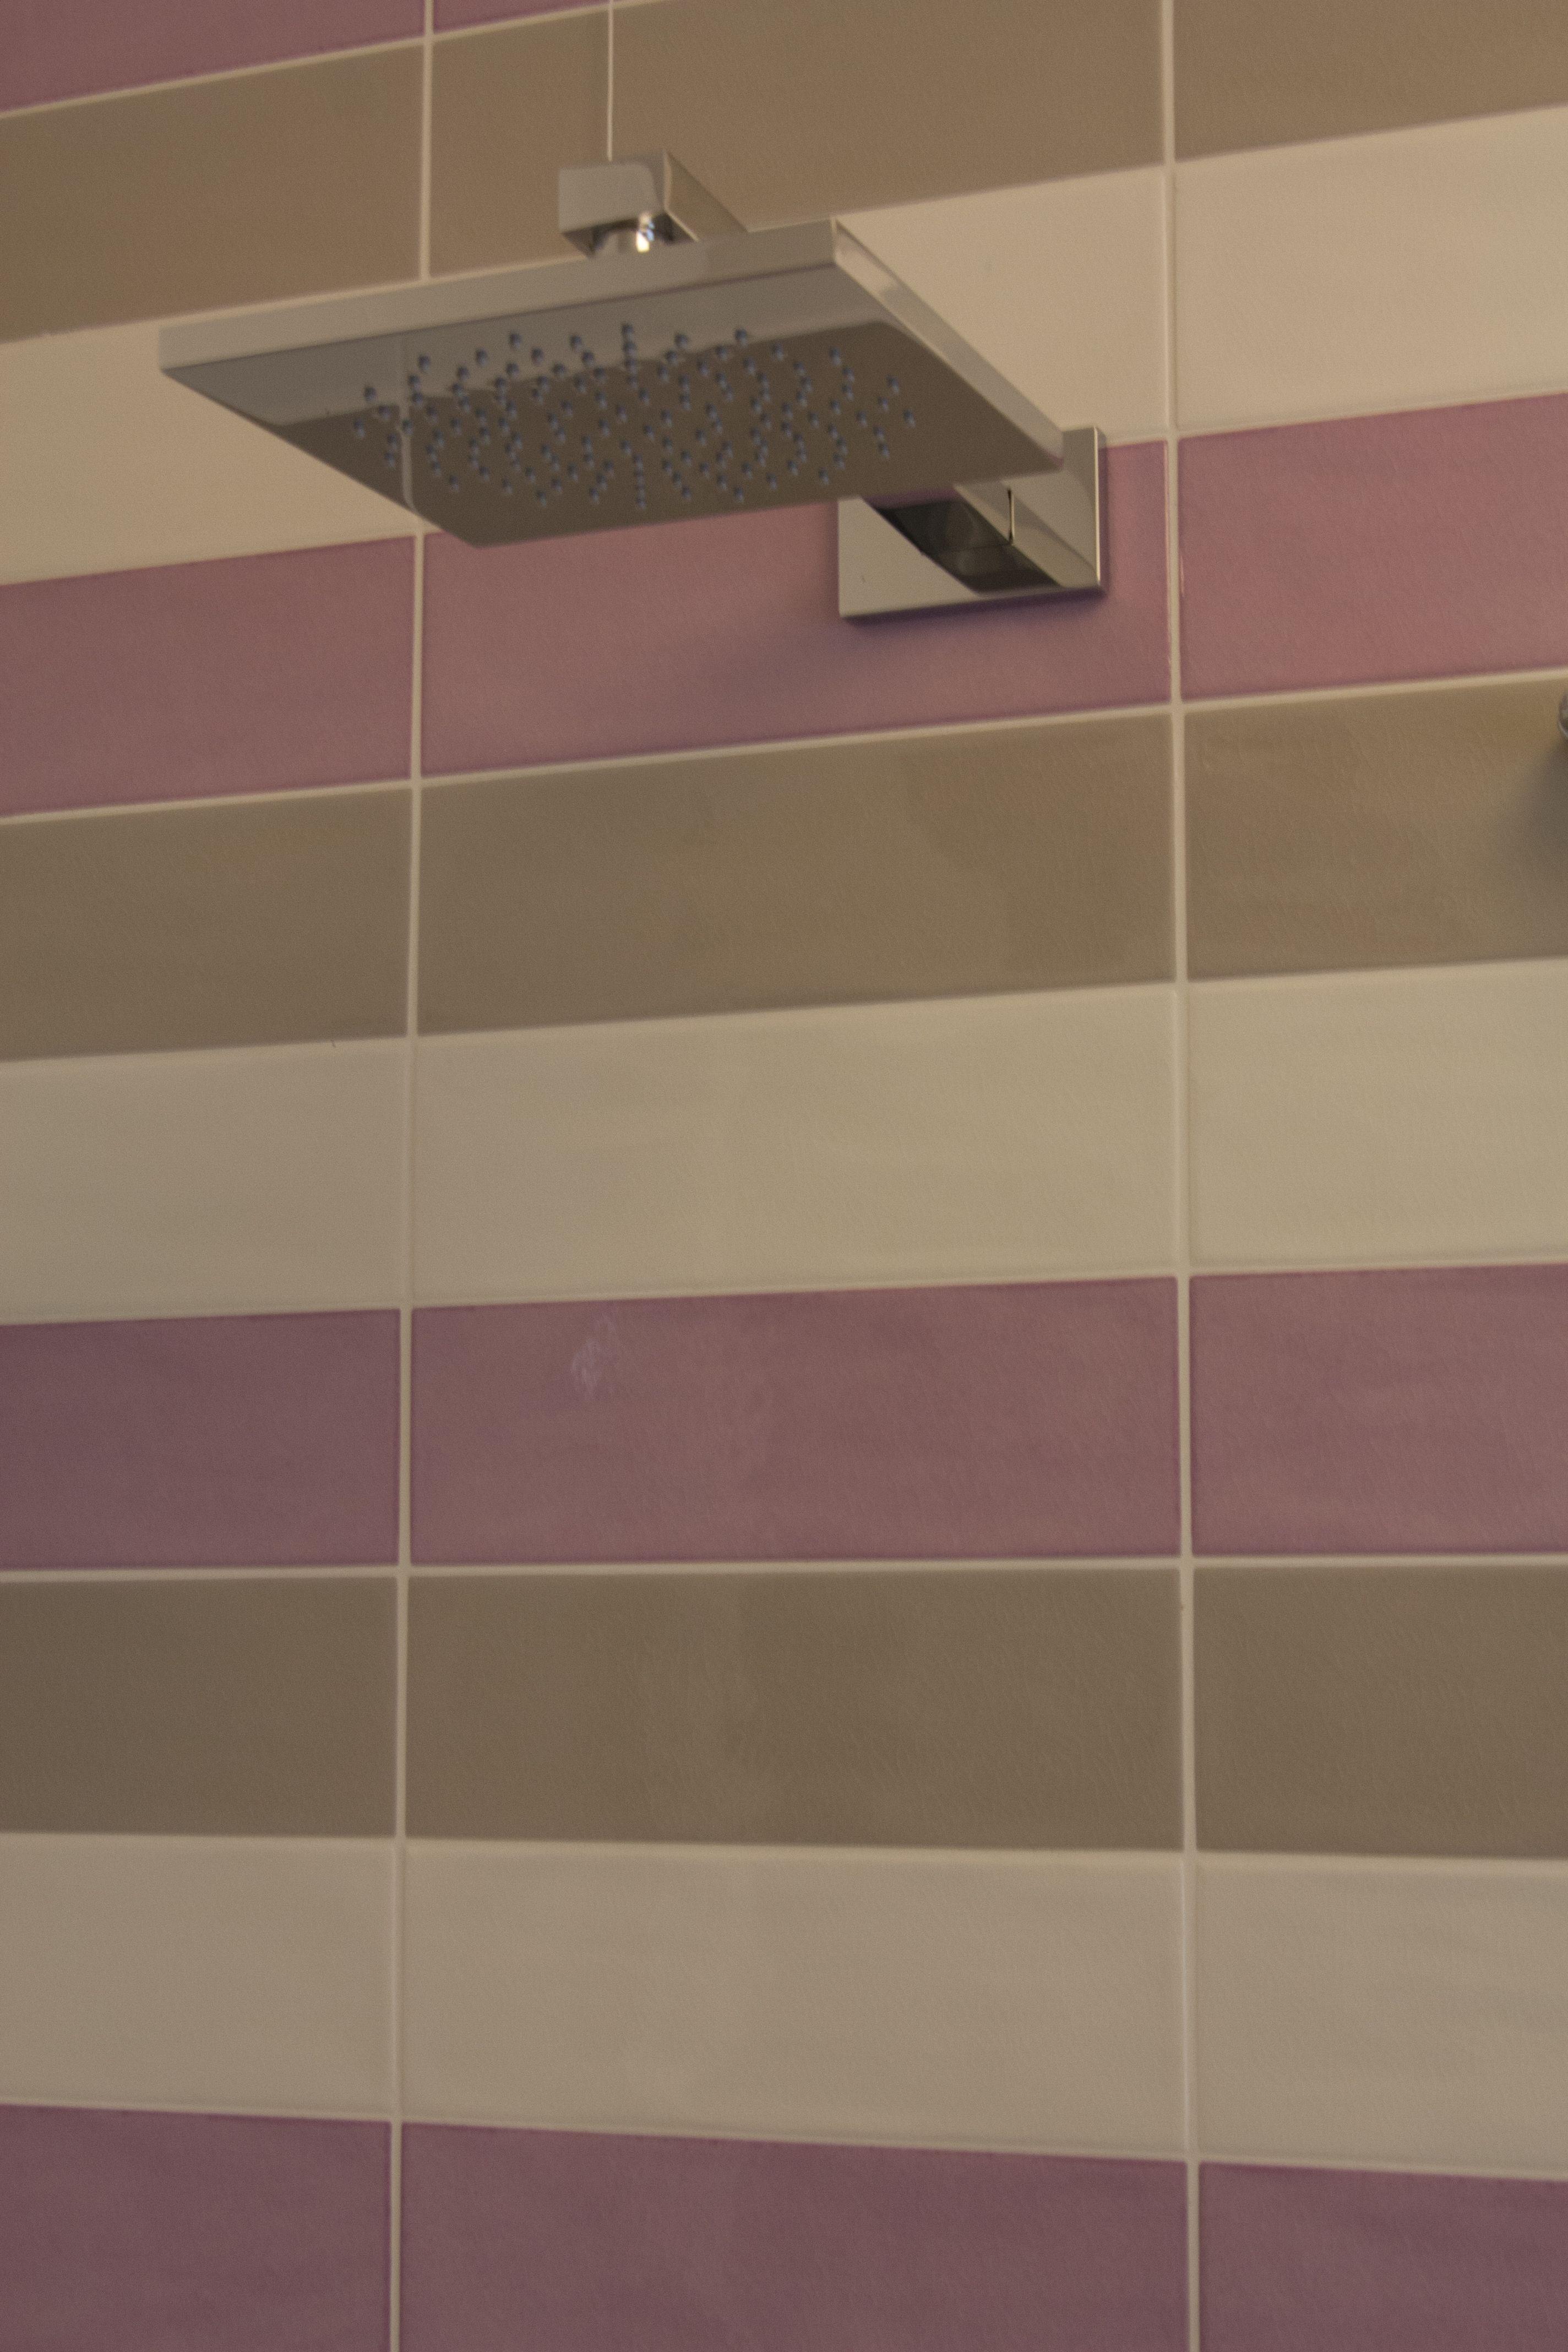 Tonalite #www.tonalite.it #Kraklè #Tiles #Piastrelle #Azulejos ...